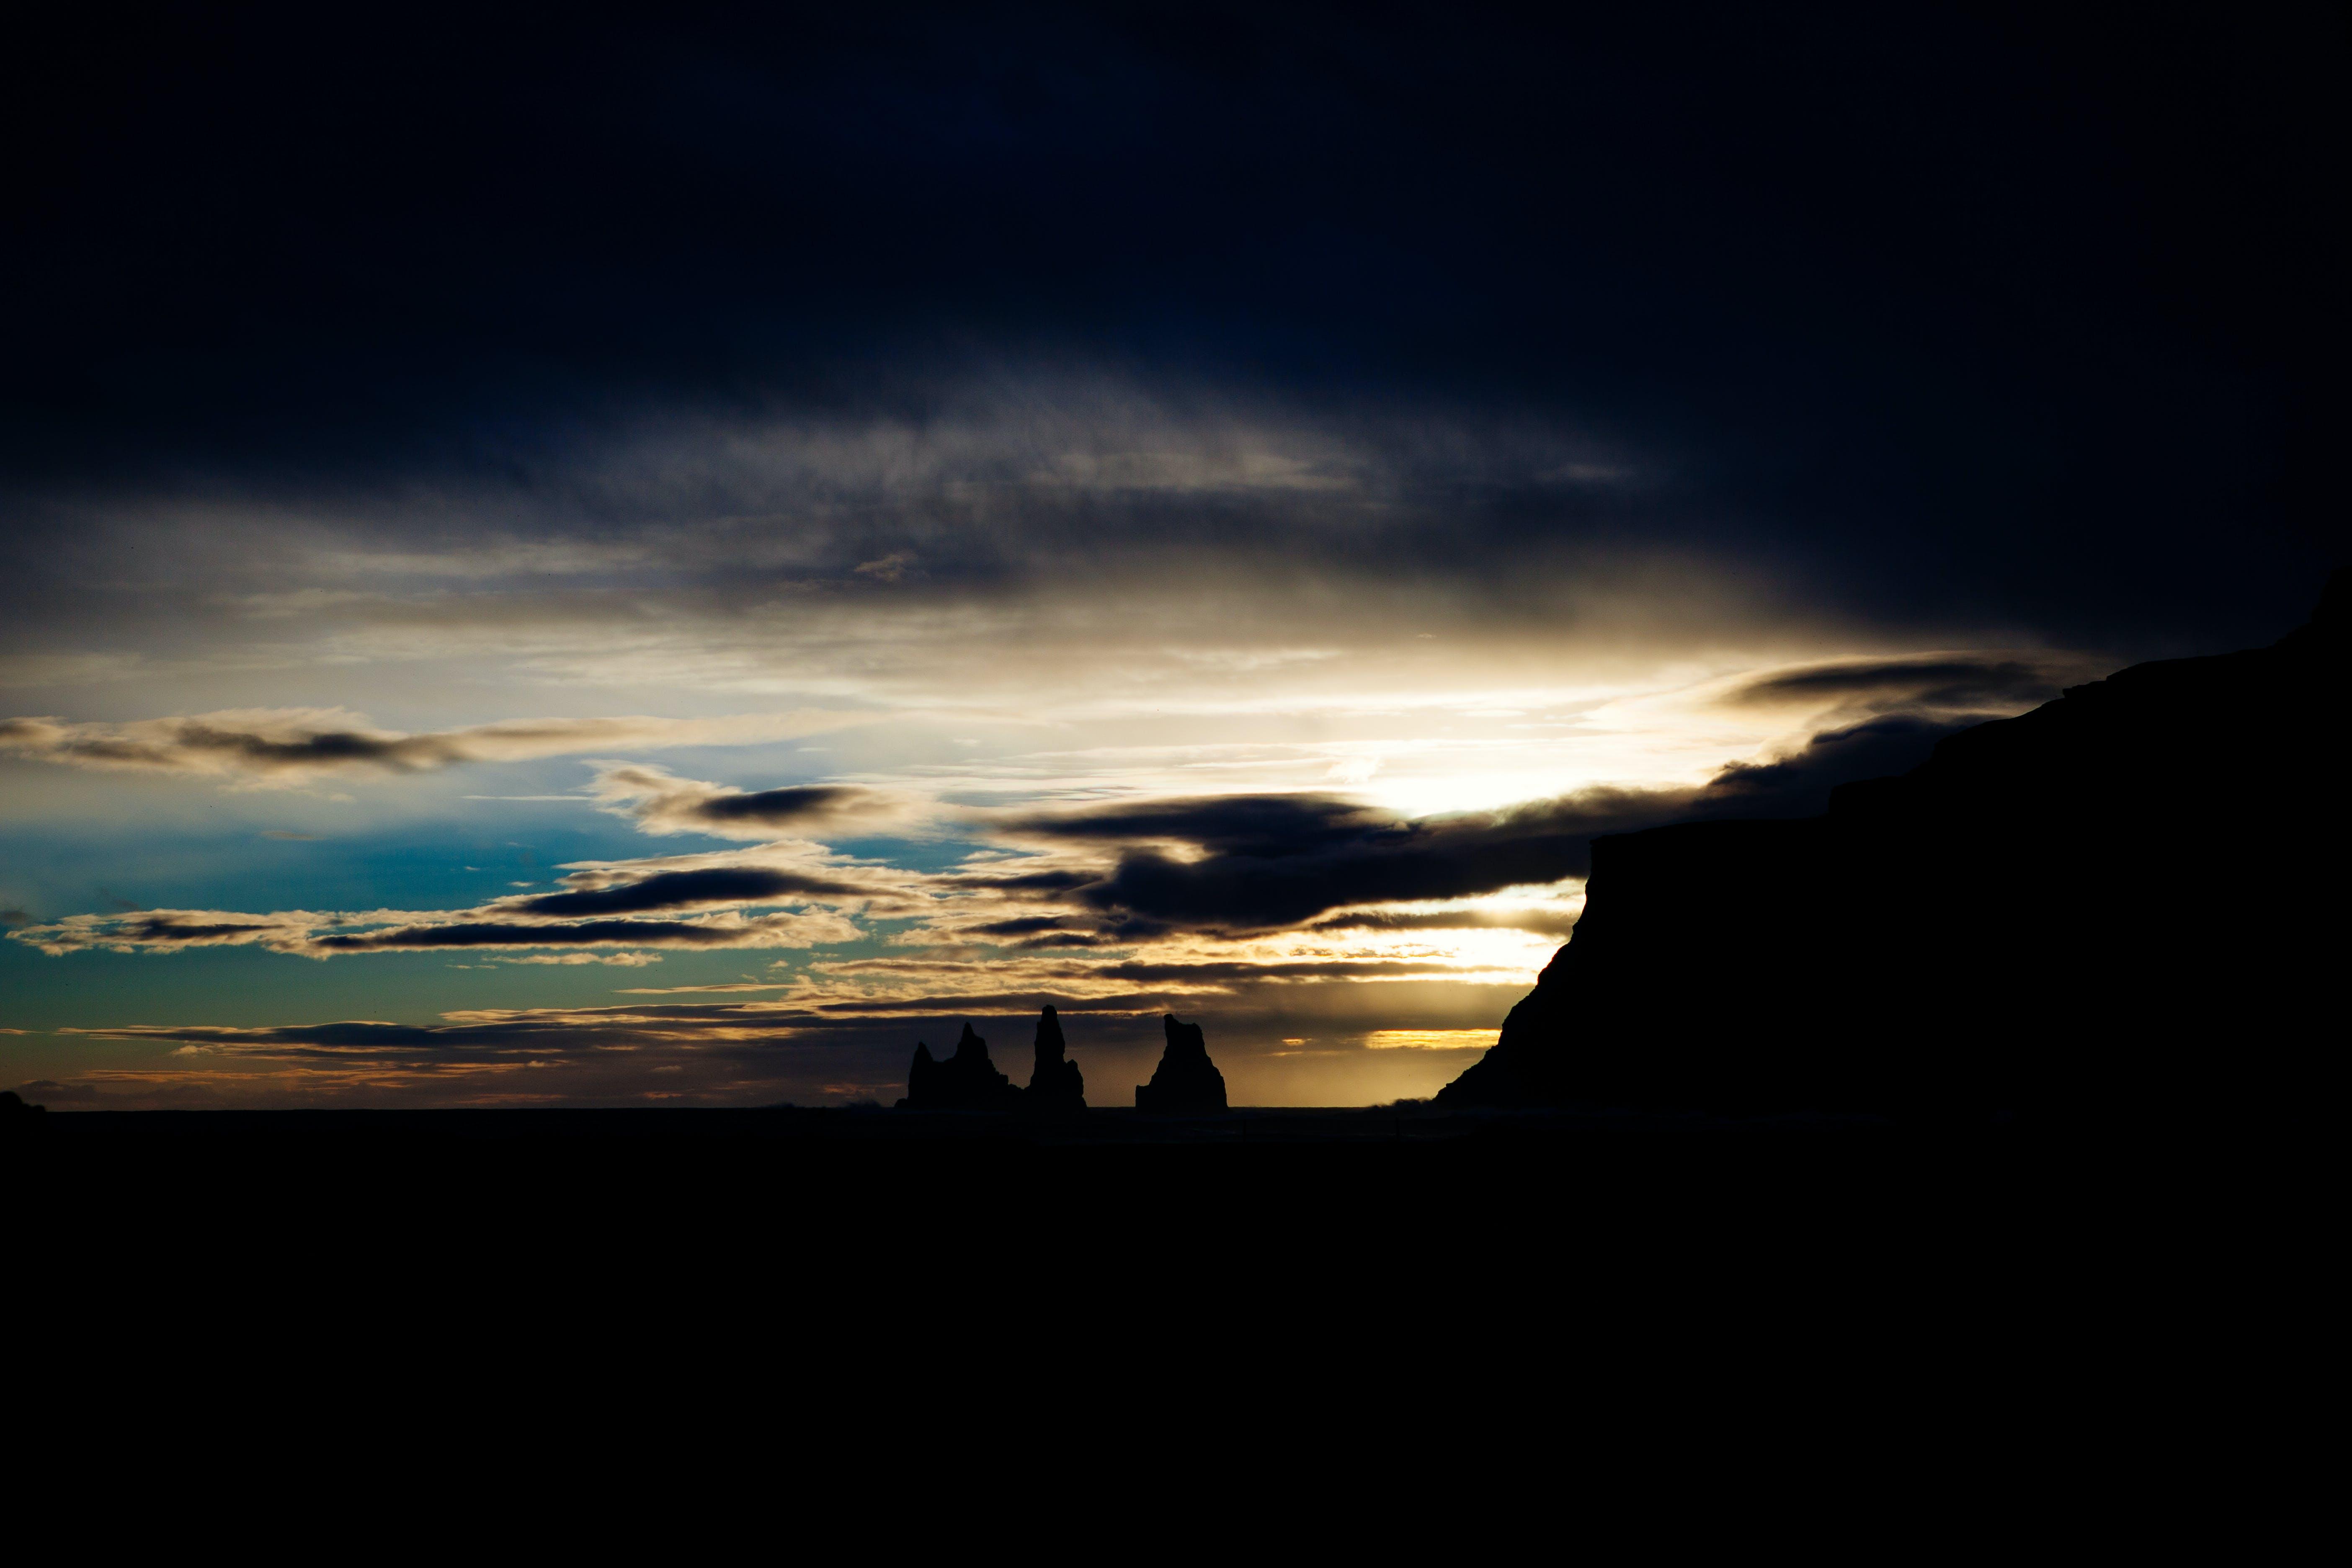 Gratis lagerfoto af Island, morgengry, mørk, solnedgang